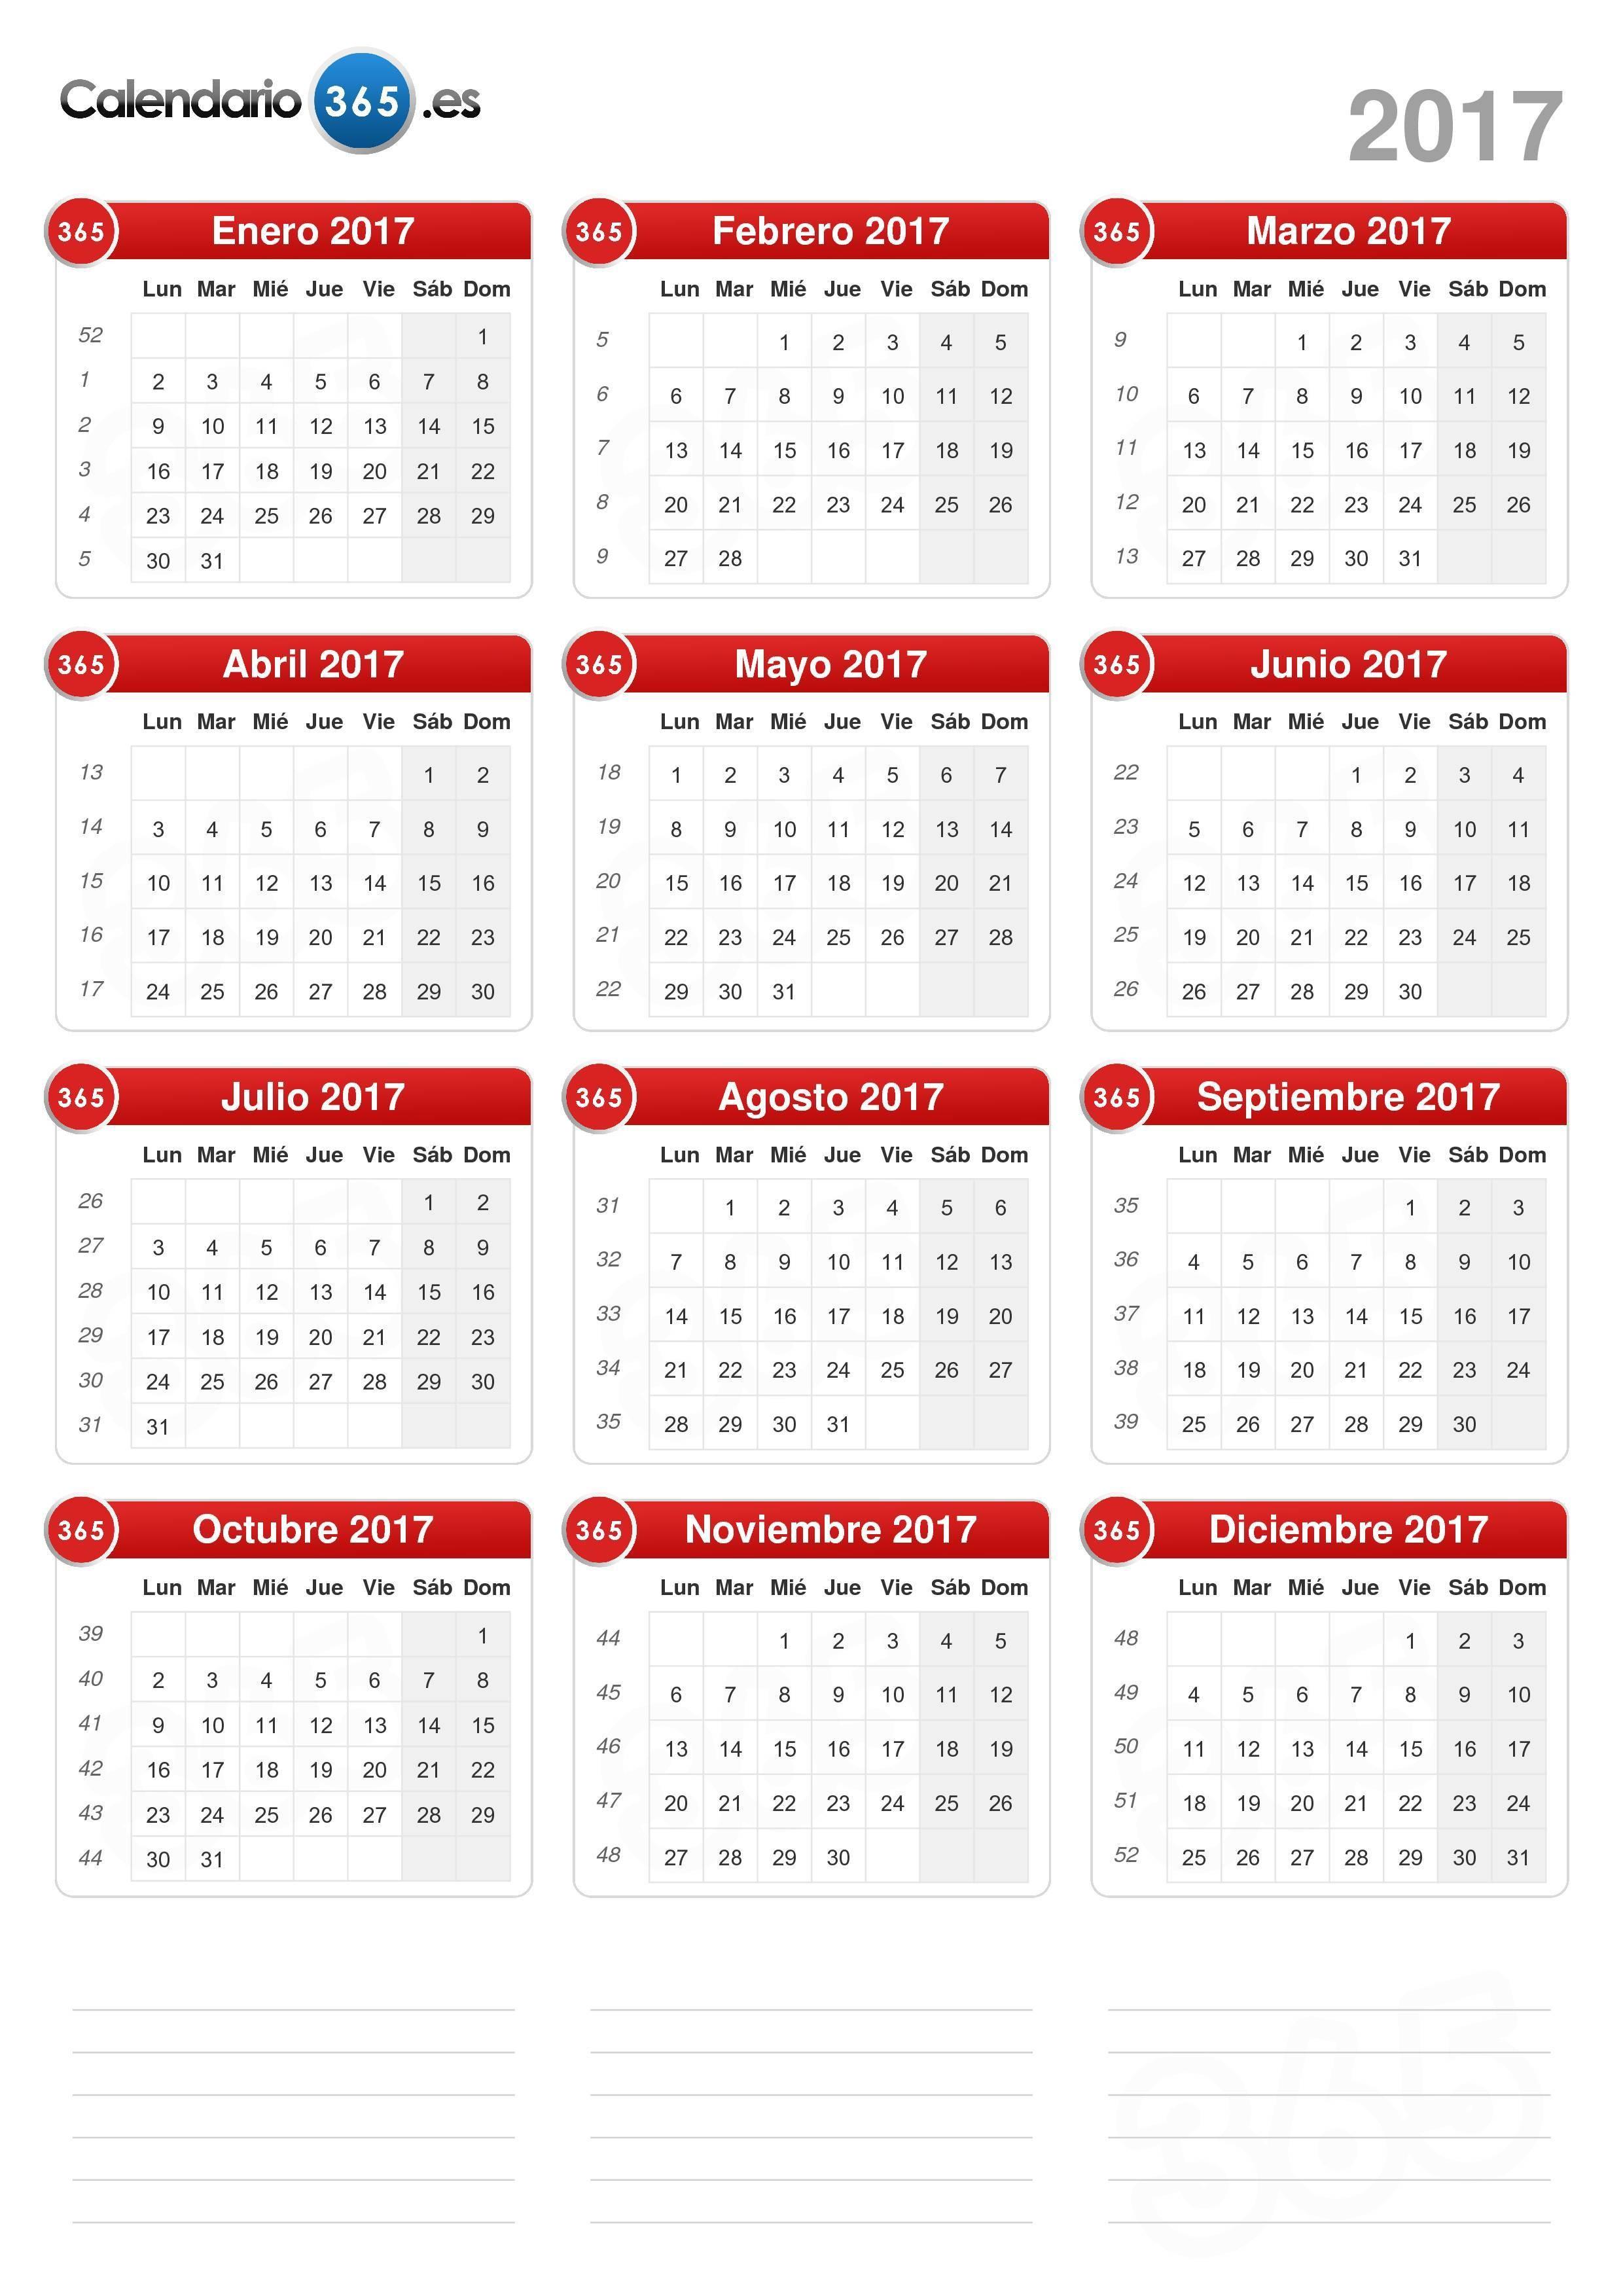 Imprimir Calendario 2019 Con Festivos Más Caliente Calendario 2017 Of Imprimir Calendario 2019 Con Festivos Recientes Inspeccionar Calendario Mes Diciembre 2019 Para Imprimir